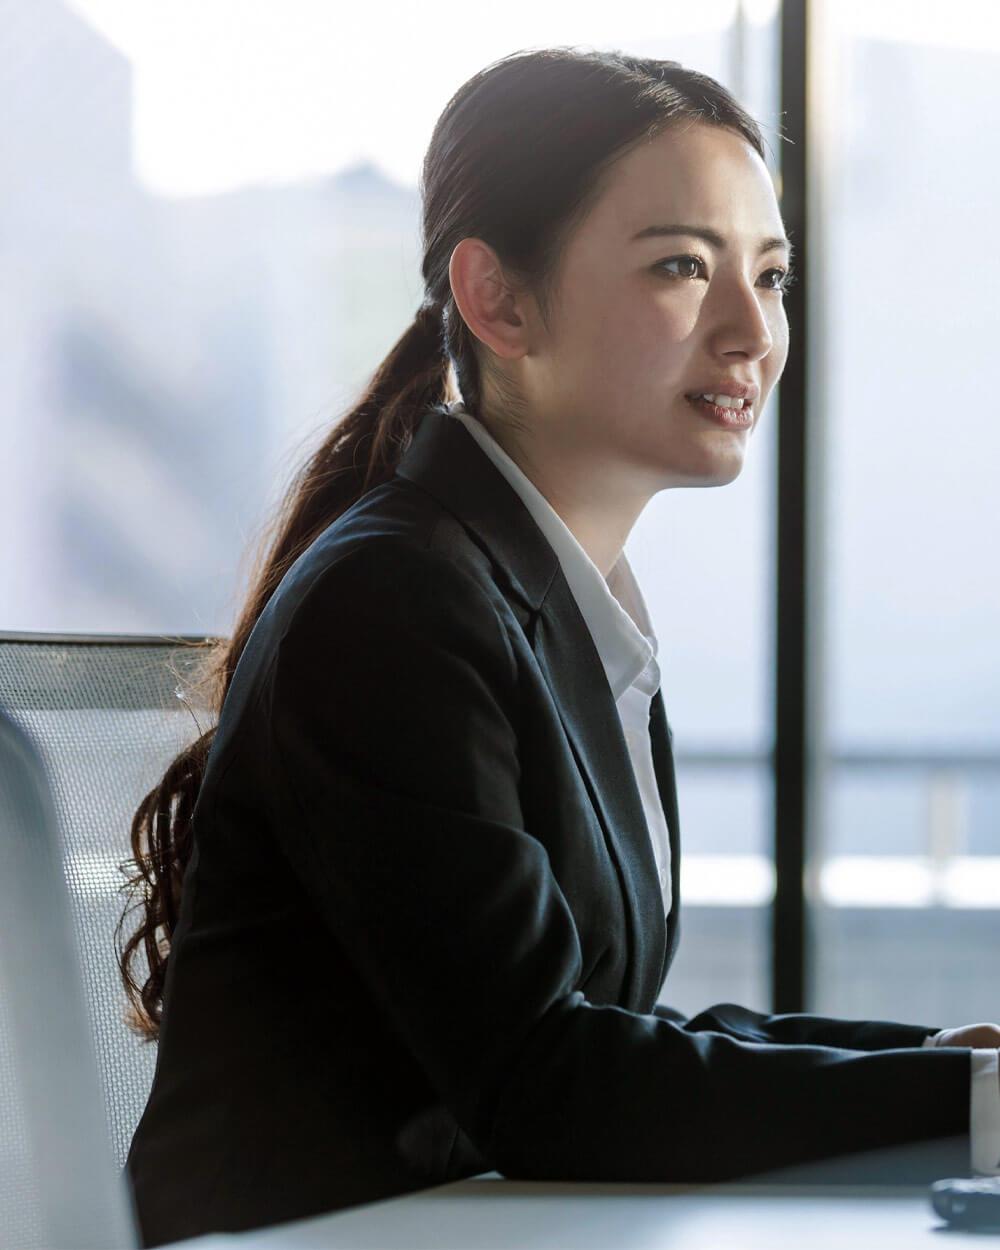 Korean beauty in workplace